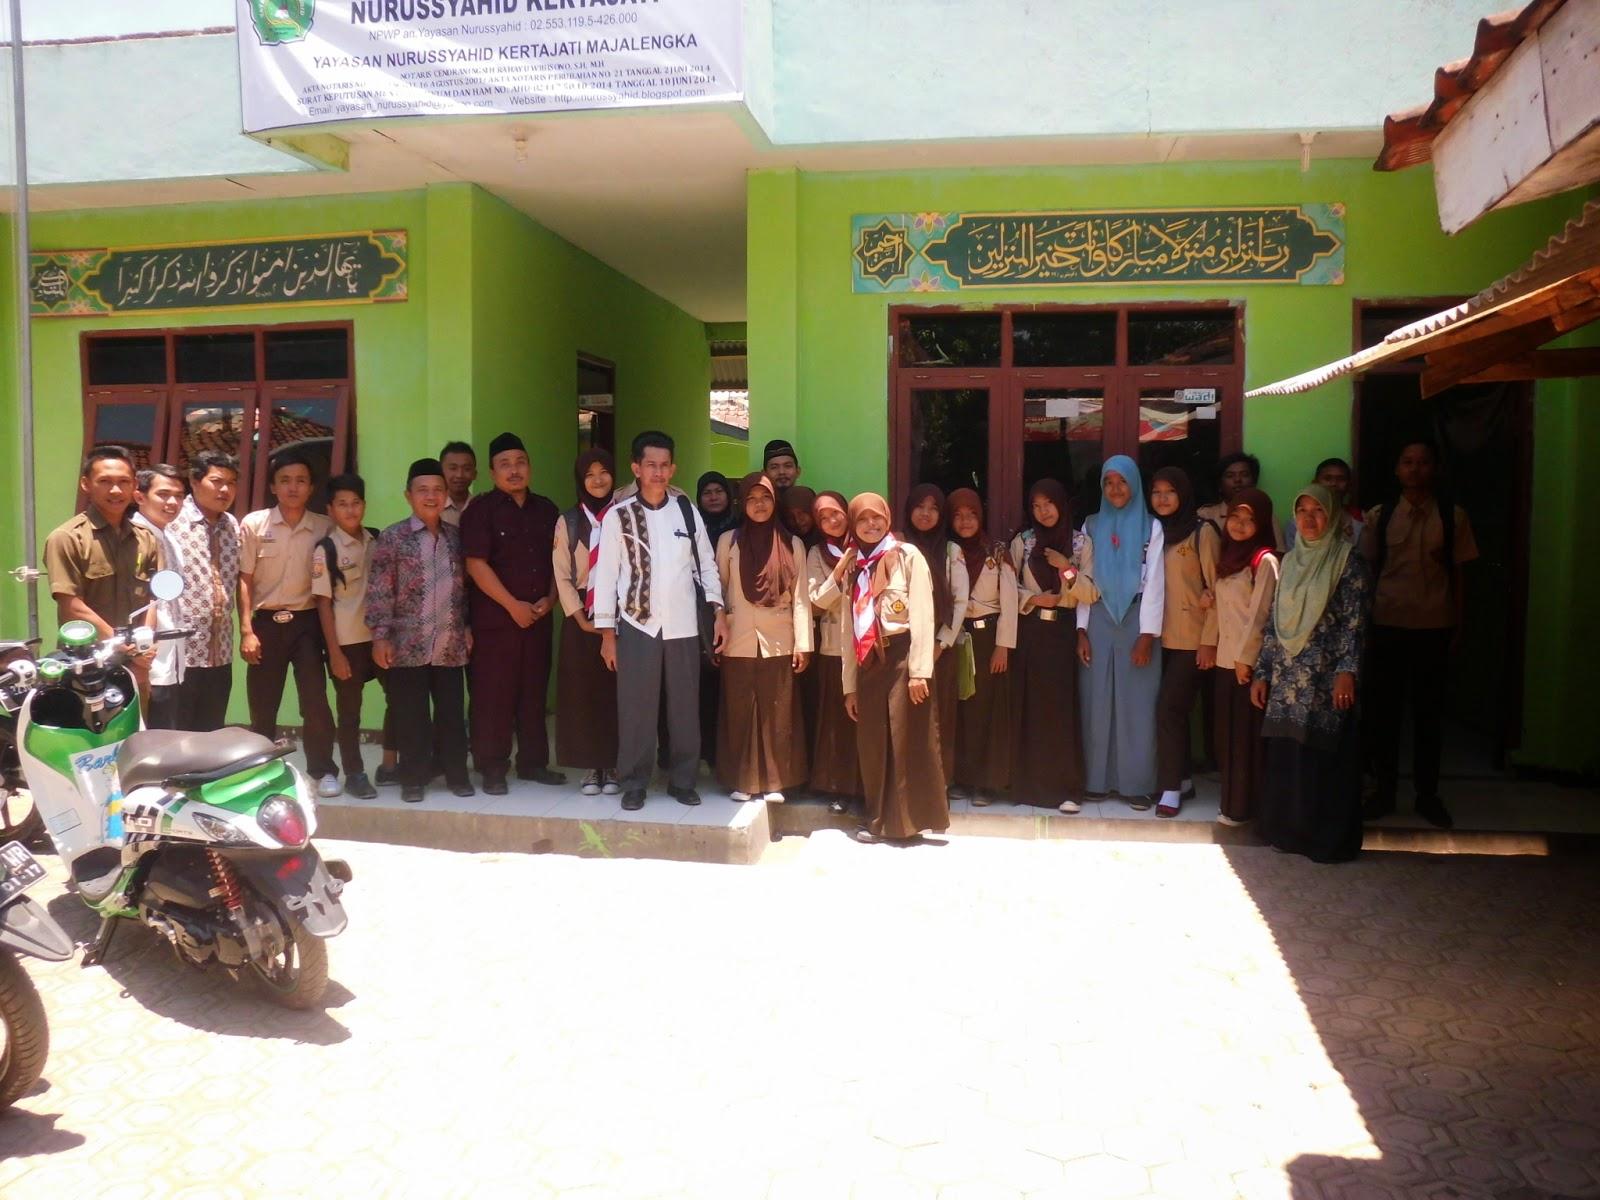 Melihat Sejenak Madrasah Aliyah Nurussyahid Kertajati